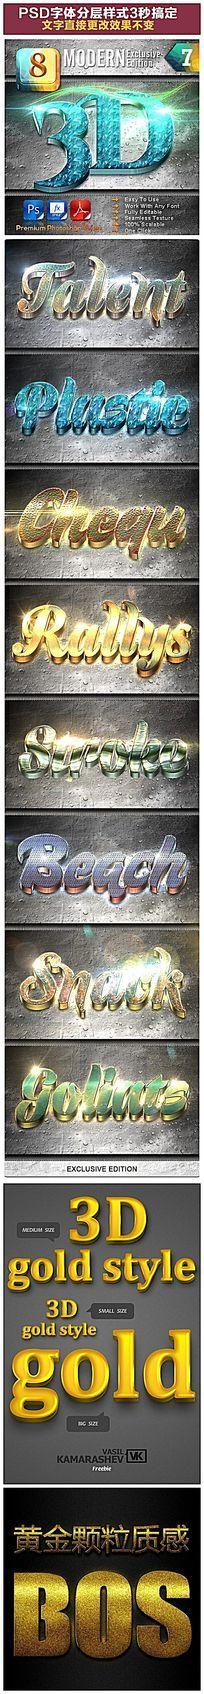 超炫酷3D金属字体样式